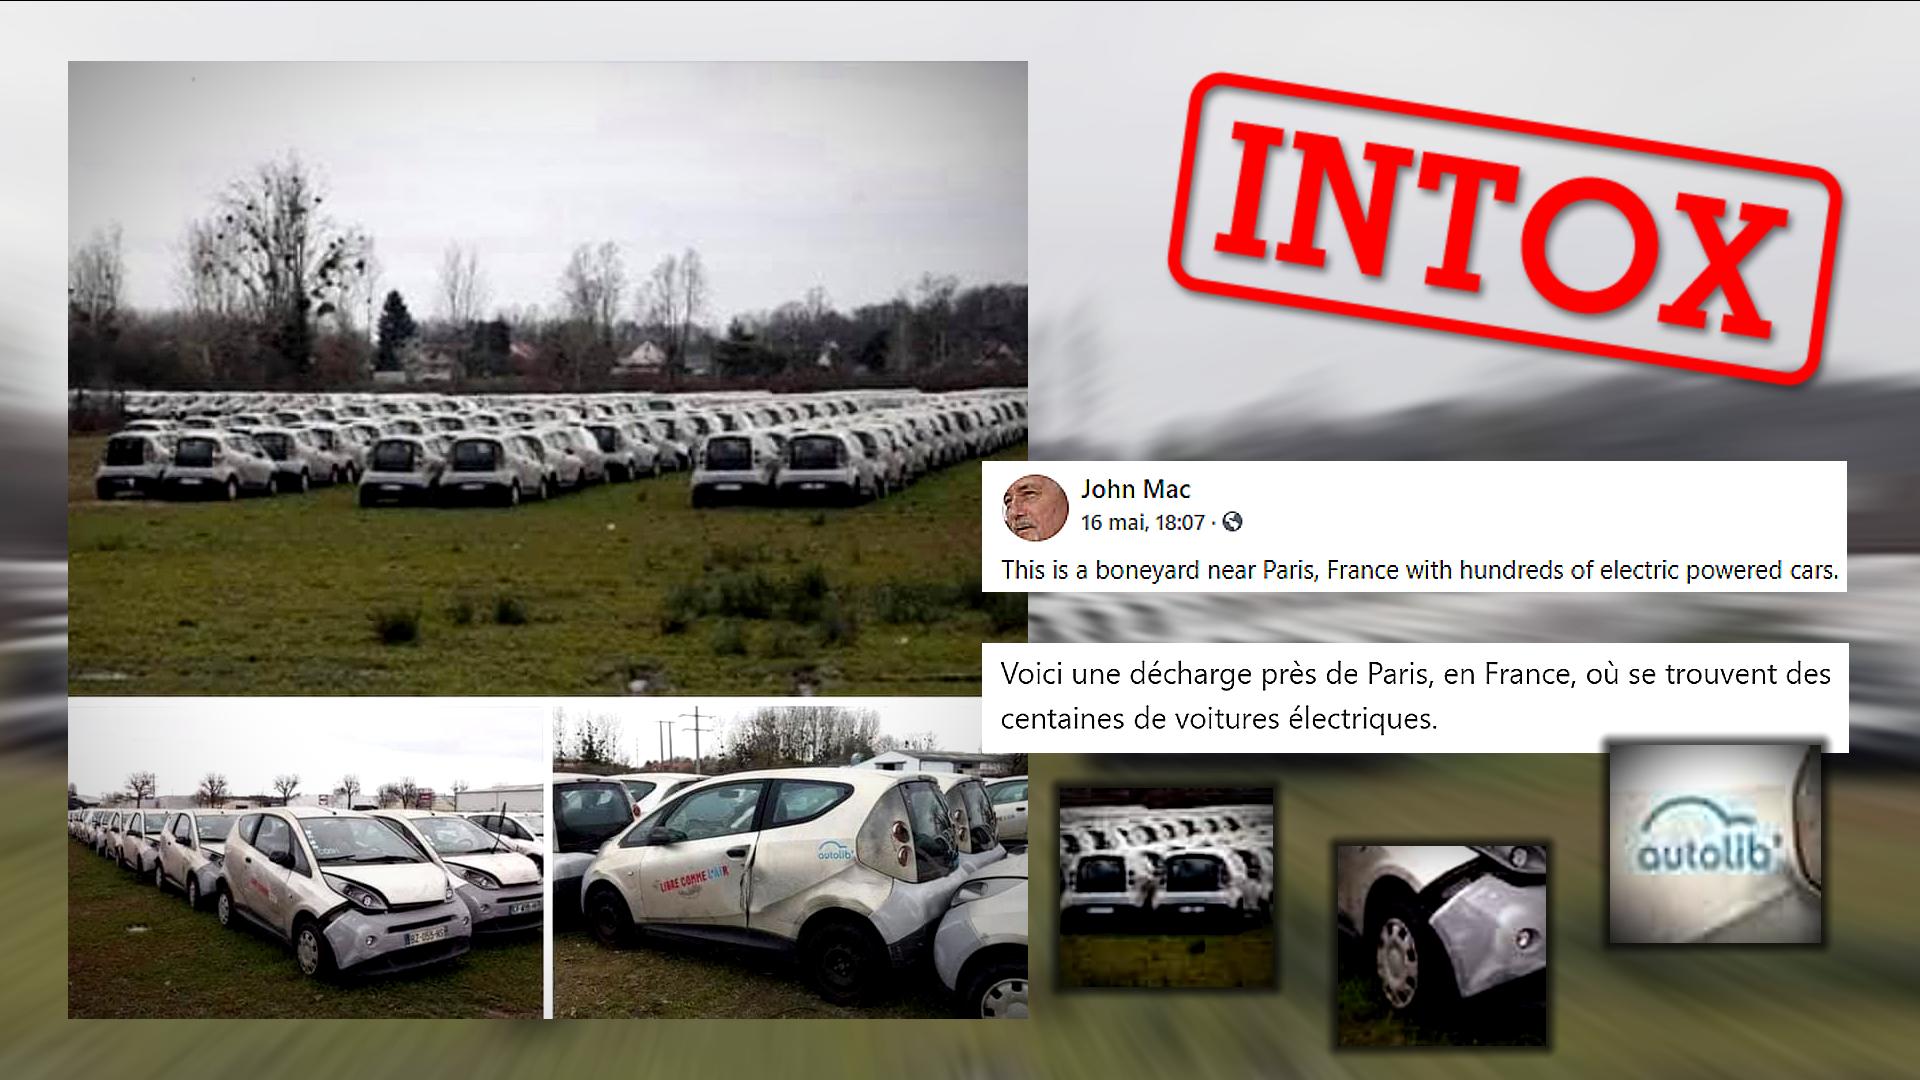 Intox-voiture-autolib